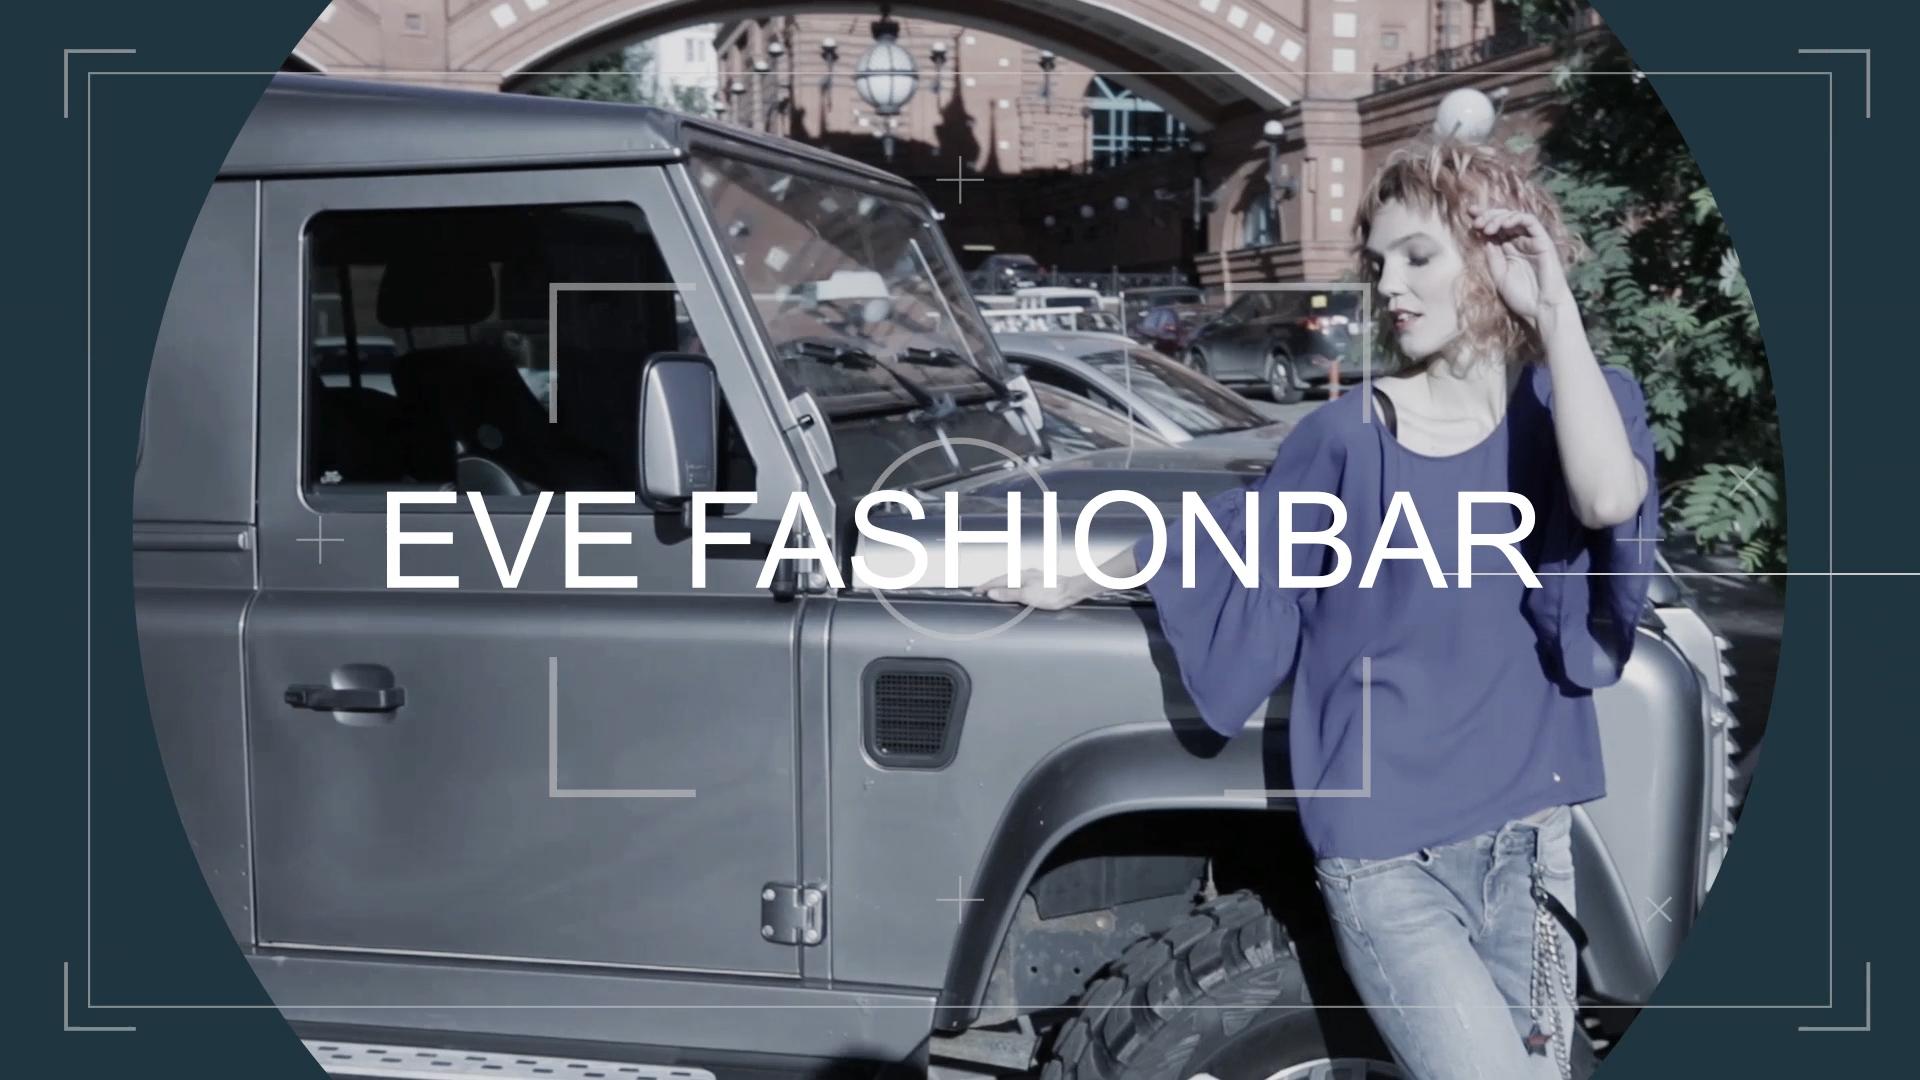 Промо ролик Eve Fashionbar: Женская одежда из Италии - видеоролик съемка, графические видеоролики, анимационные ролики, рекламный ролик создание